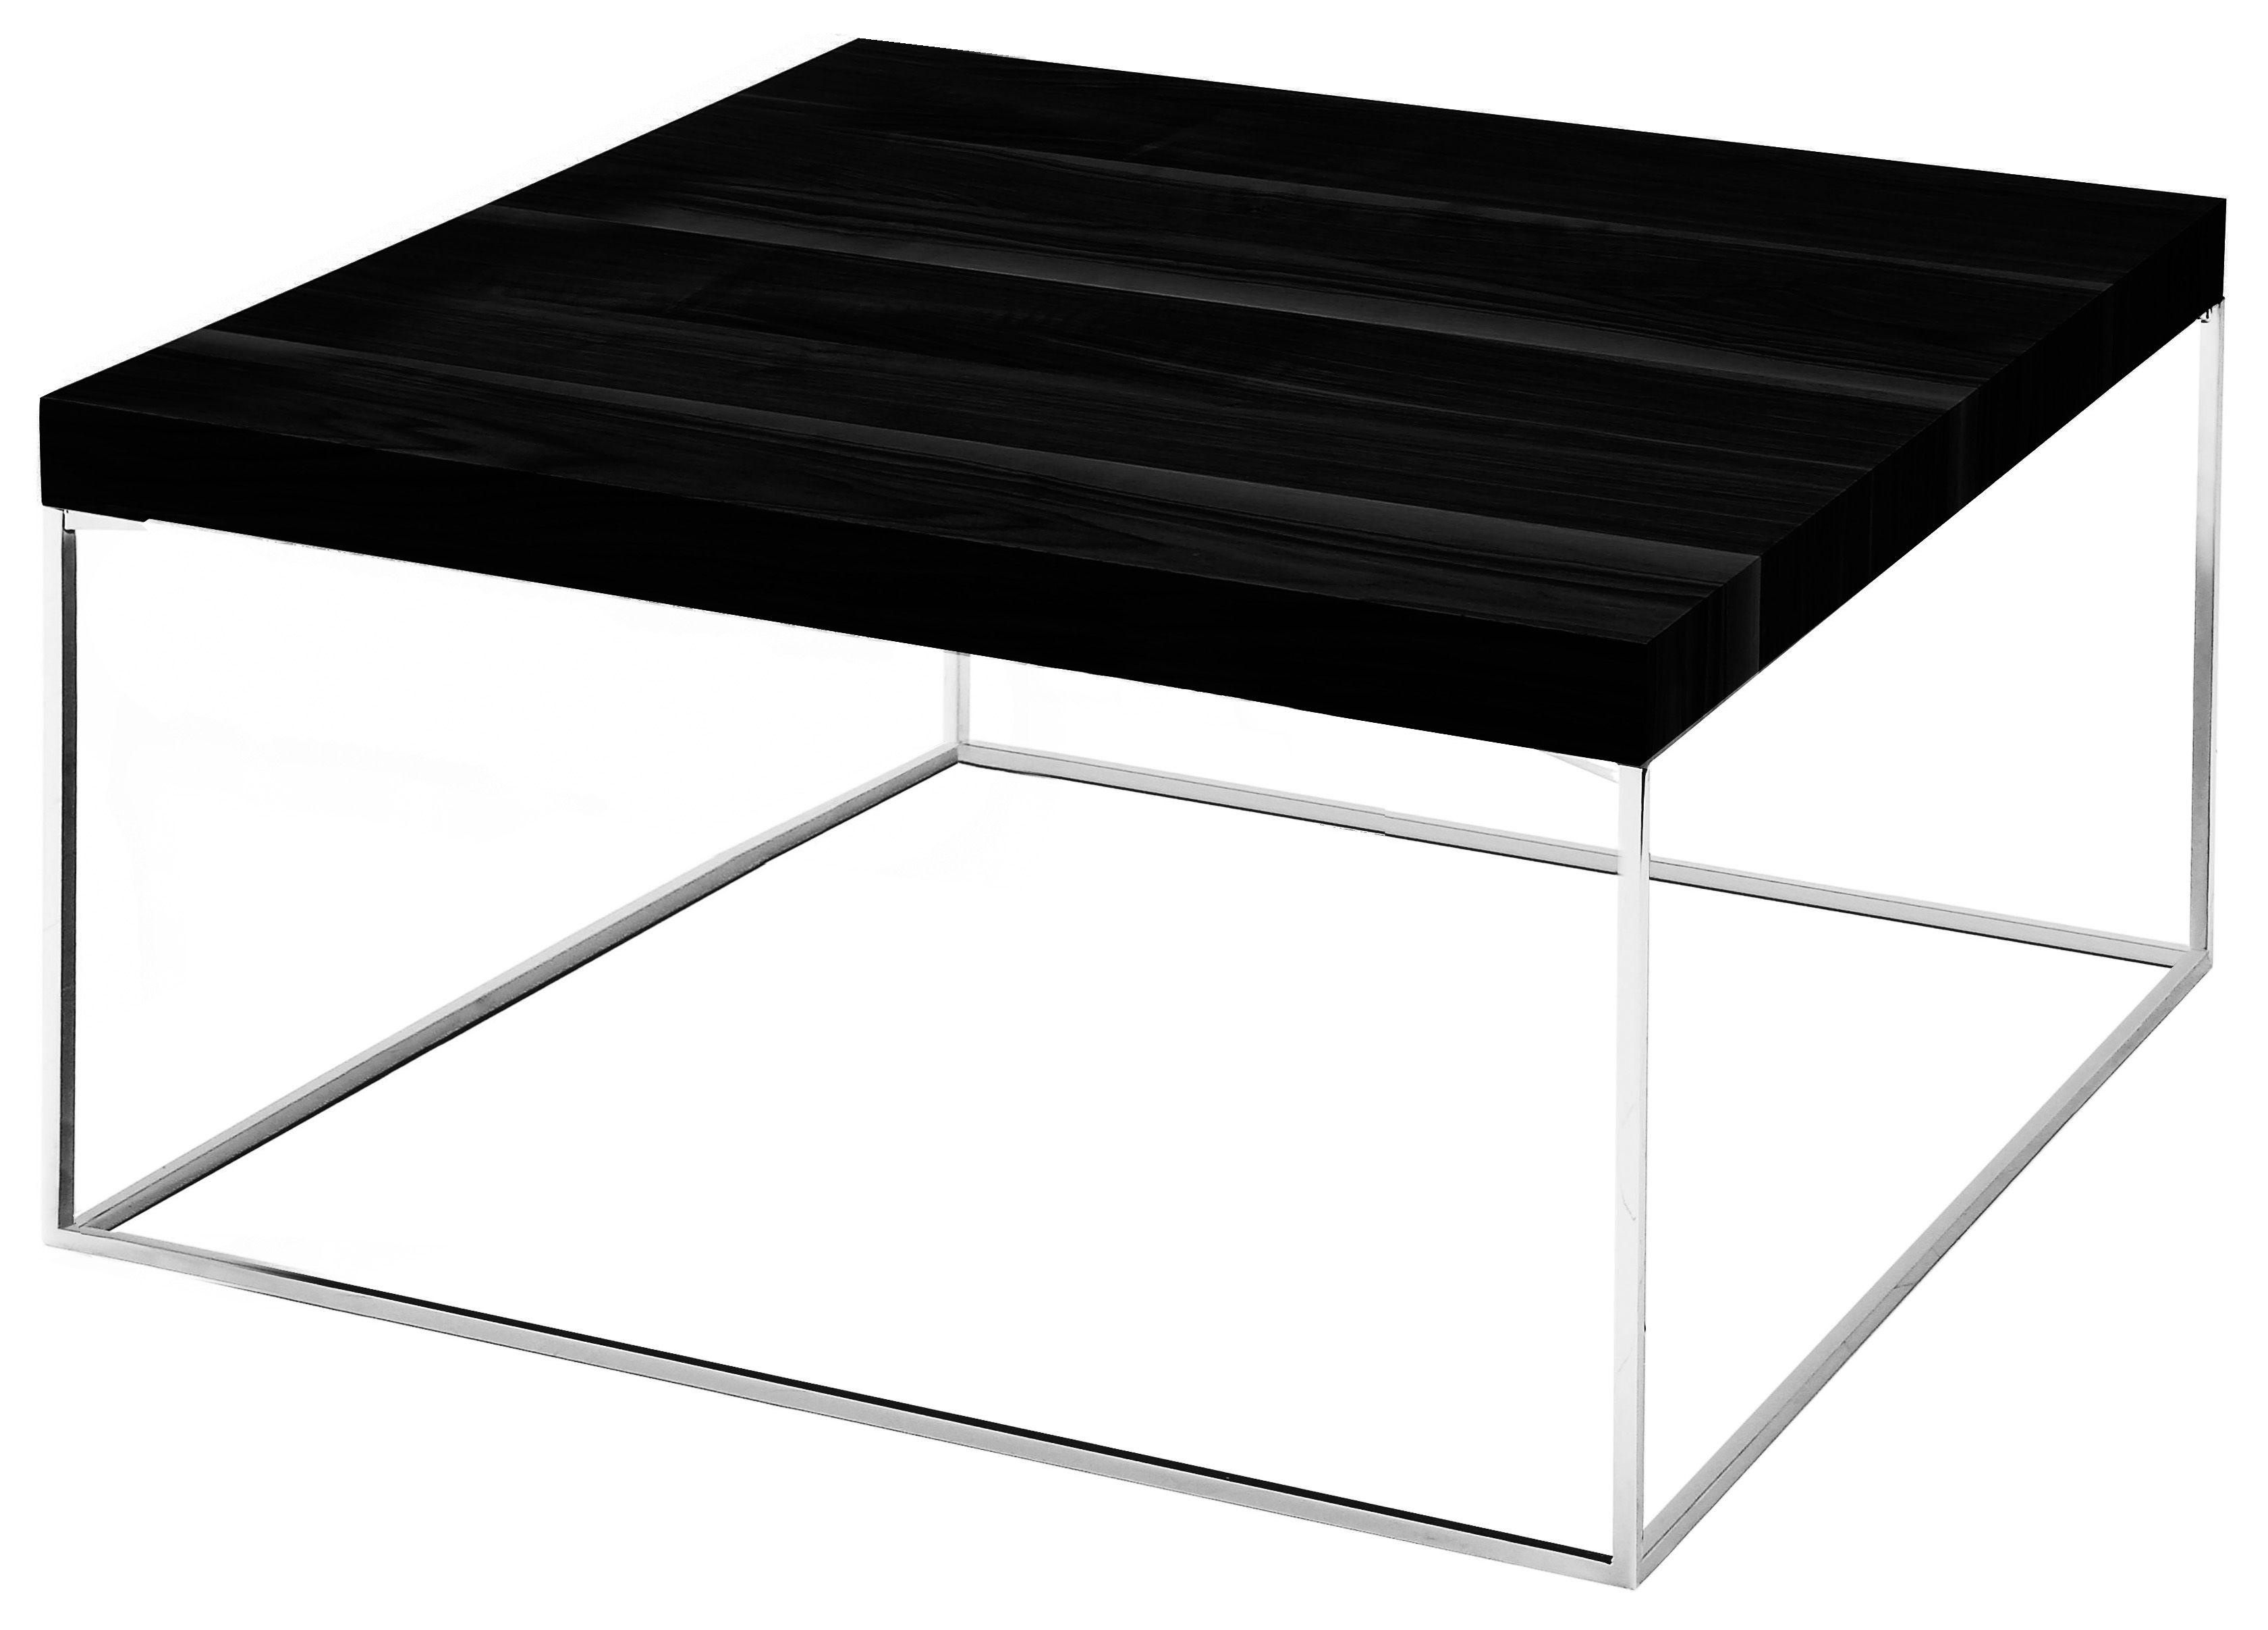 Mobilier - Tables basses - Table basse Oliver wengé - Zanotta - Wengé/Graphite - 80 x 80 cm - Acier verni, Aggloméré plaqué rouvre teinté